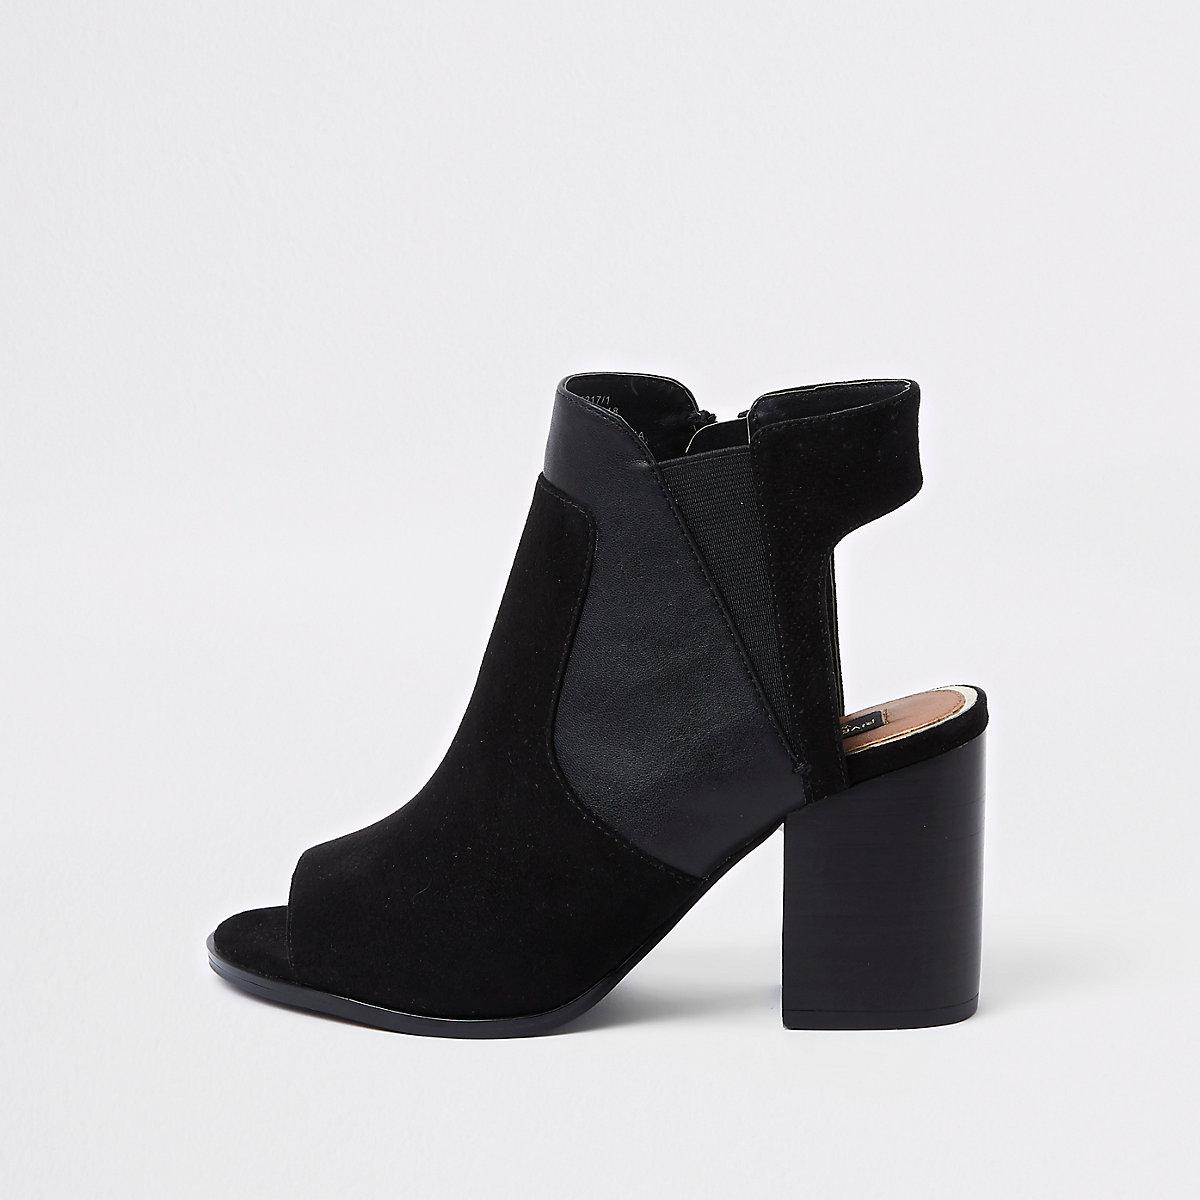 a1e2ab753e Black wide fit block heel shoe boots - Shoes - Shoes & Boots - women